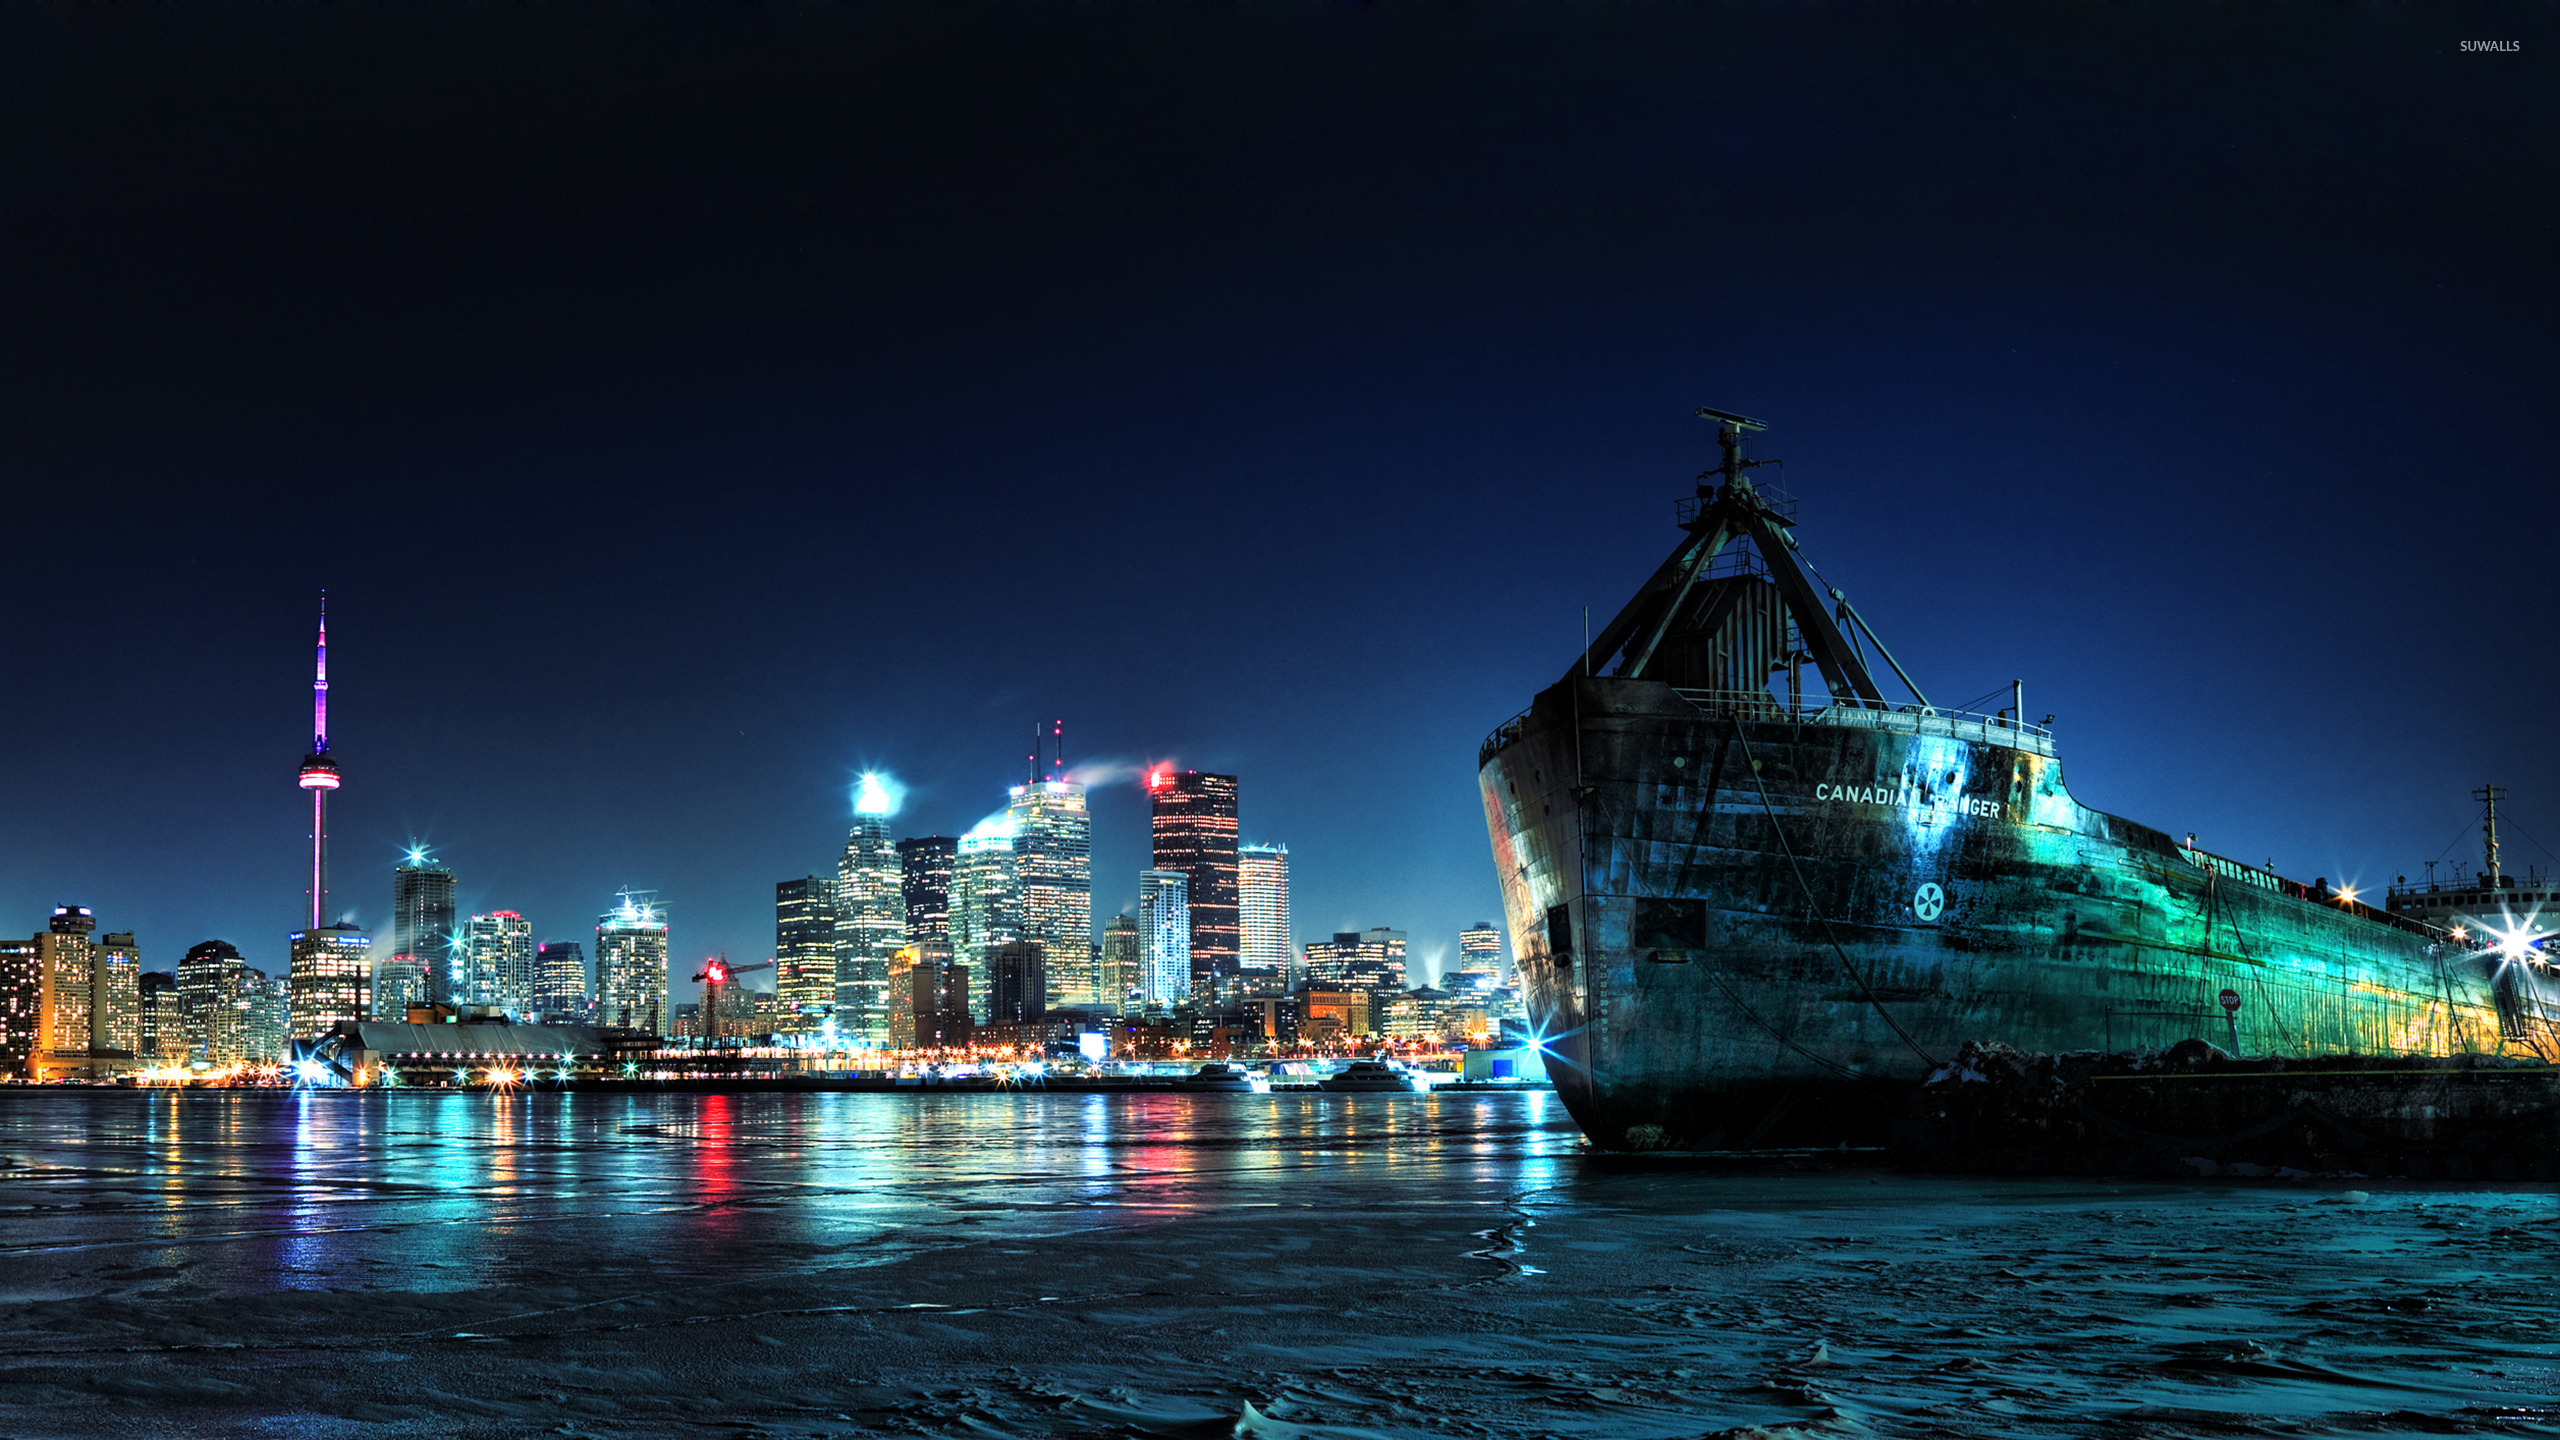 природа страны архитектура город ночь  № 805295 загрузить